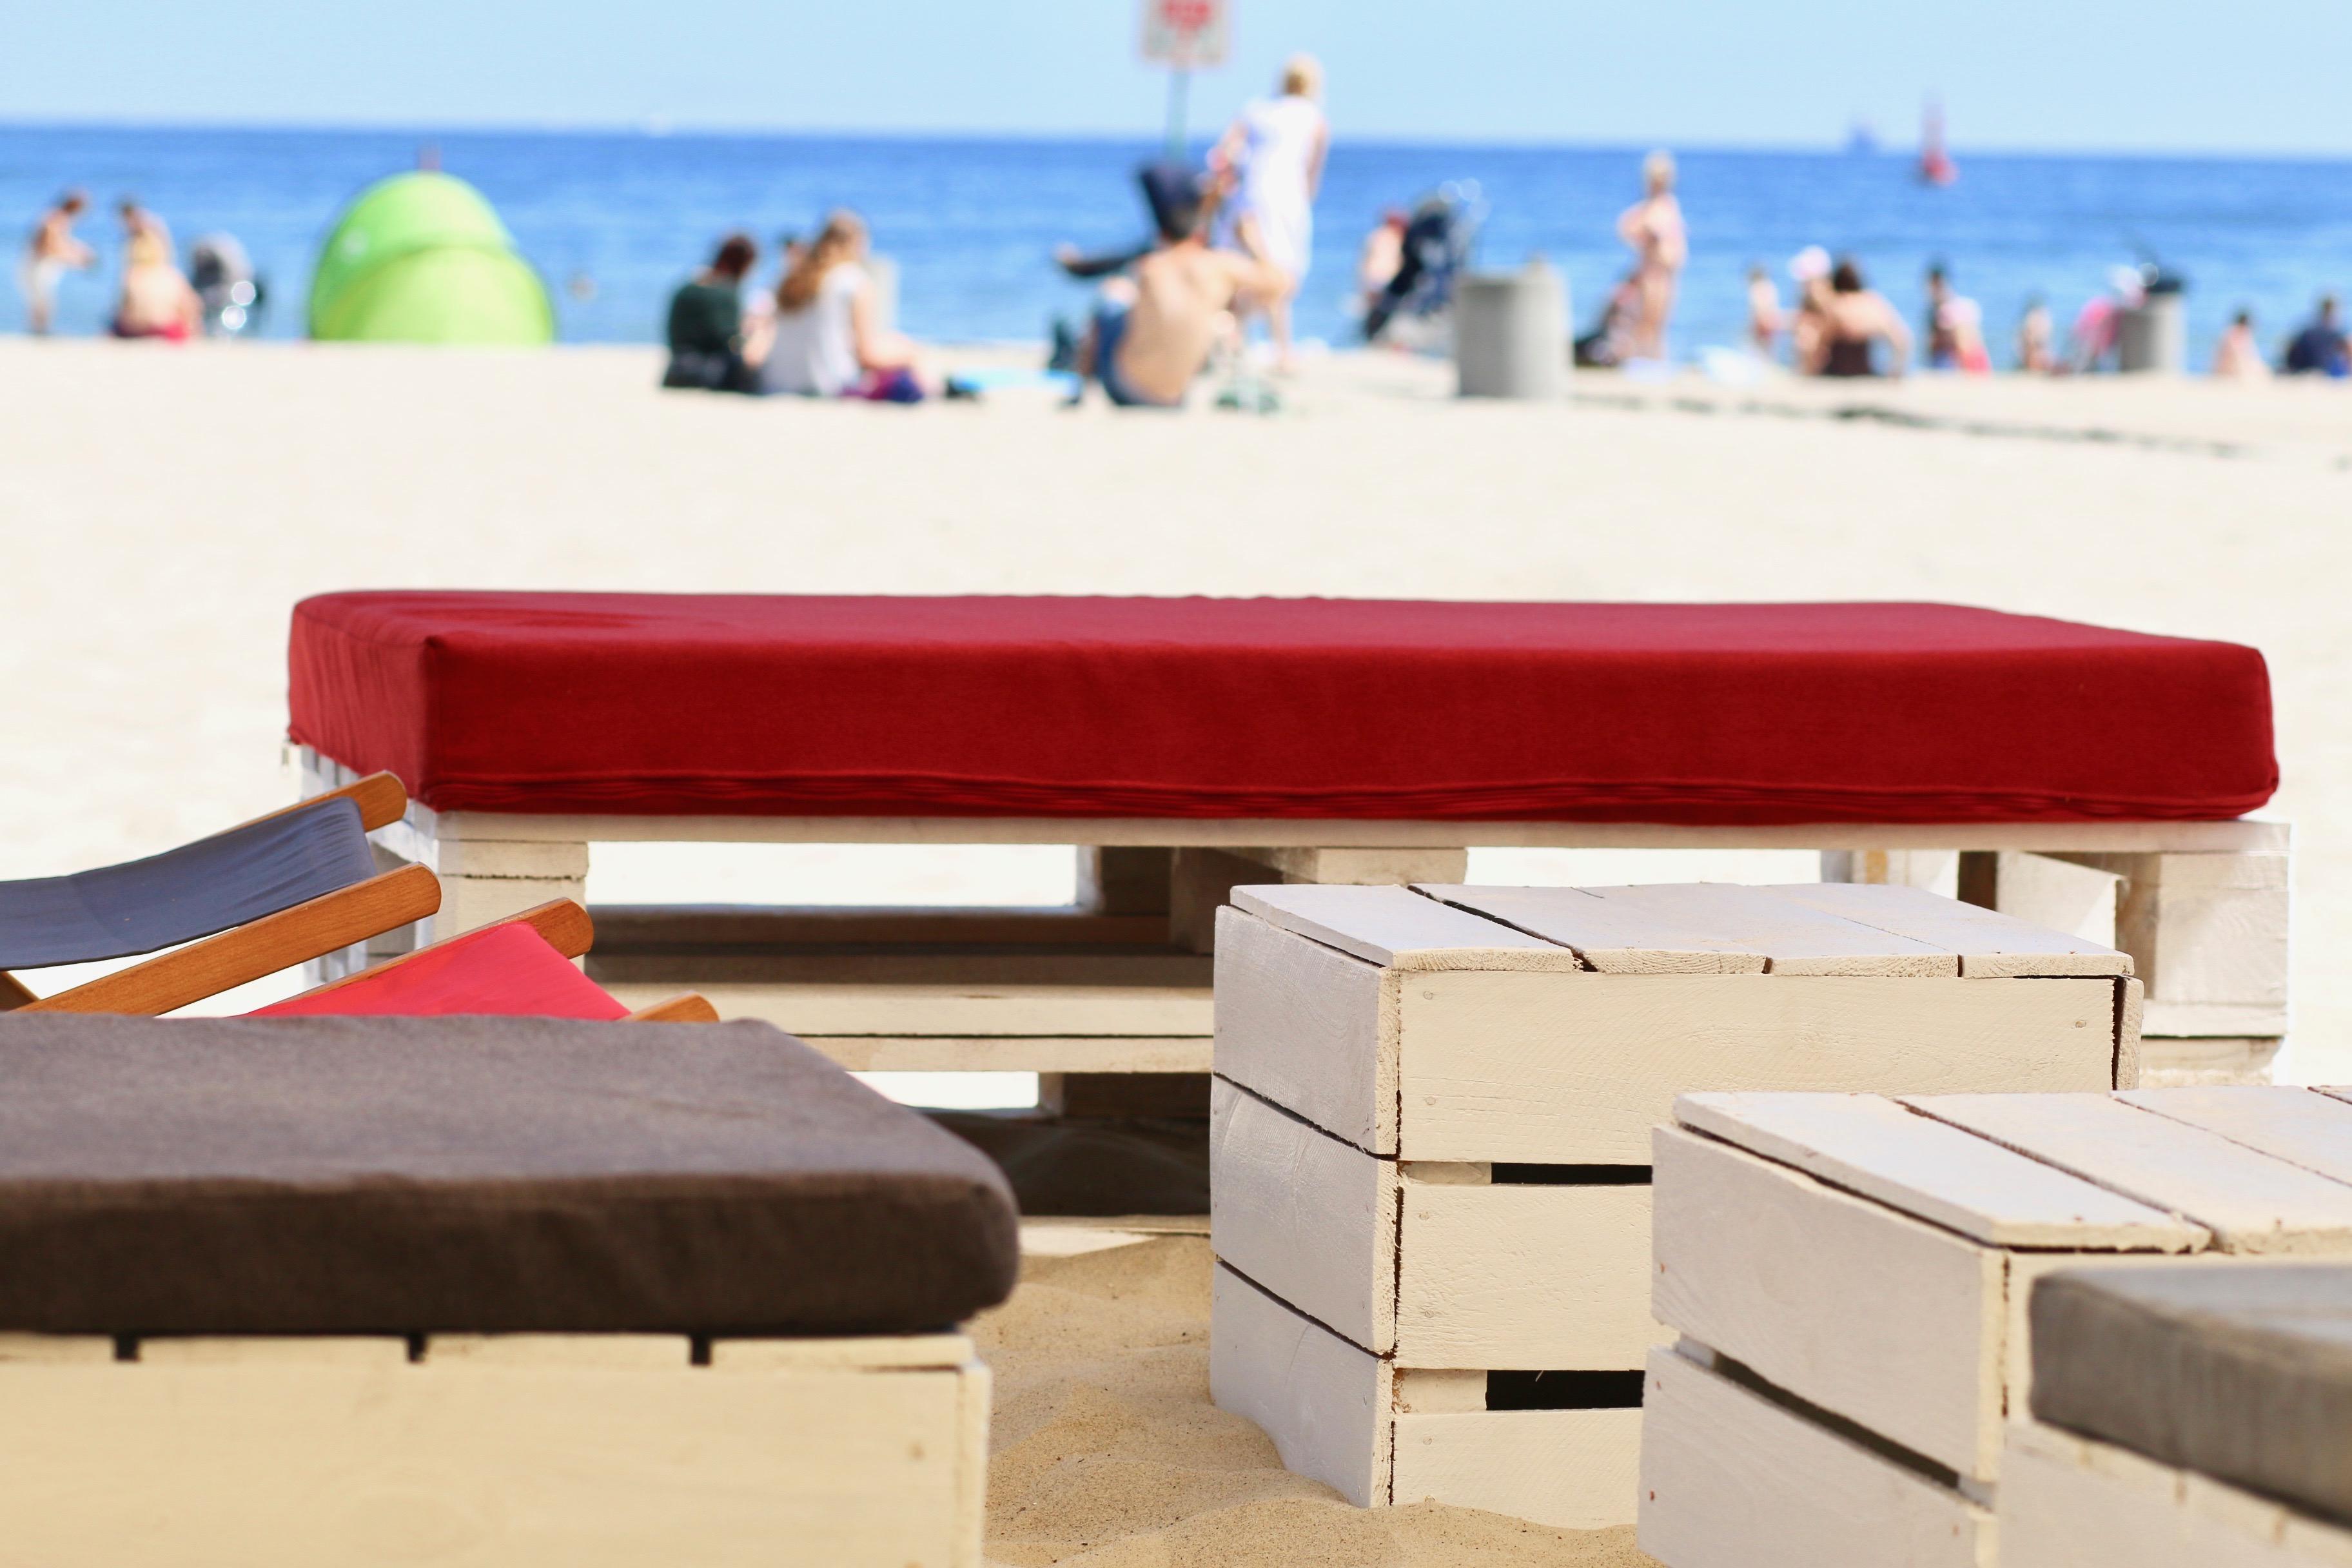 Stoliki Eko-lezaki Sol-siedziska Manolo-pufy Sego wynajem mebli-magnetic--group-wypozyczalnia mebli gdynia sopot gdansk trojmiasto